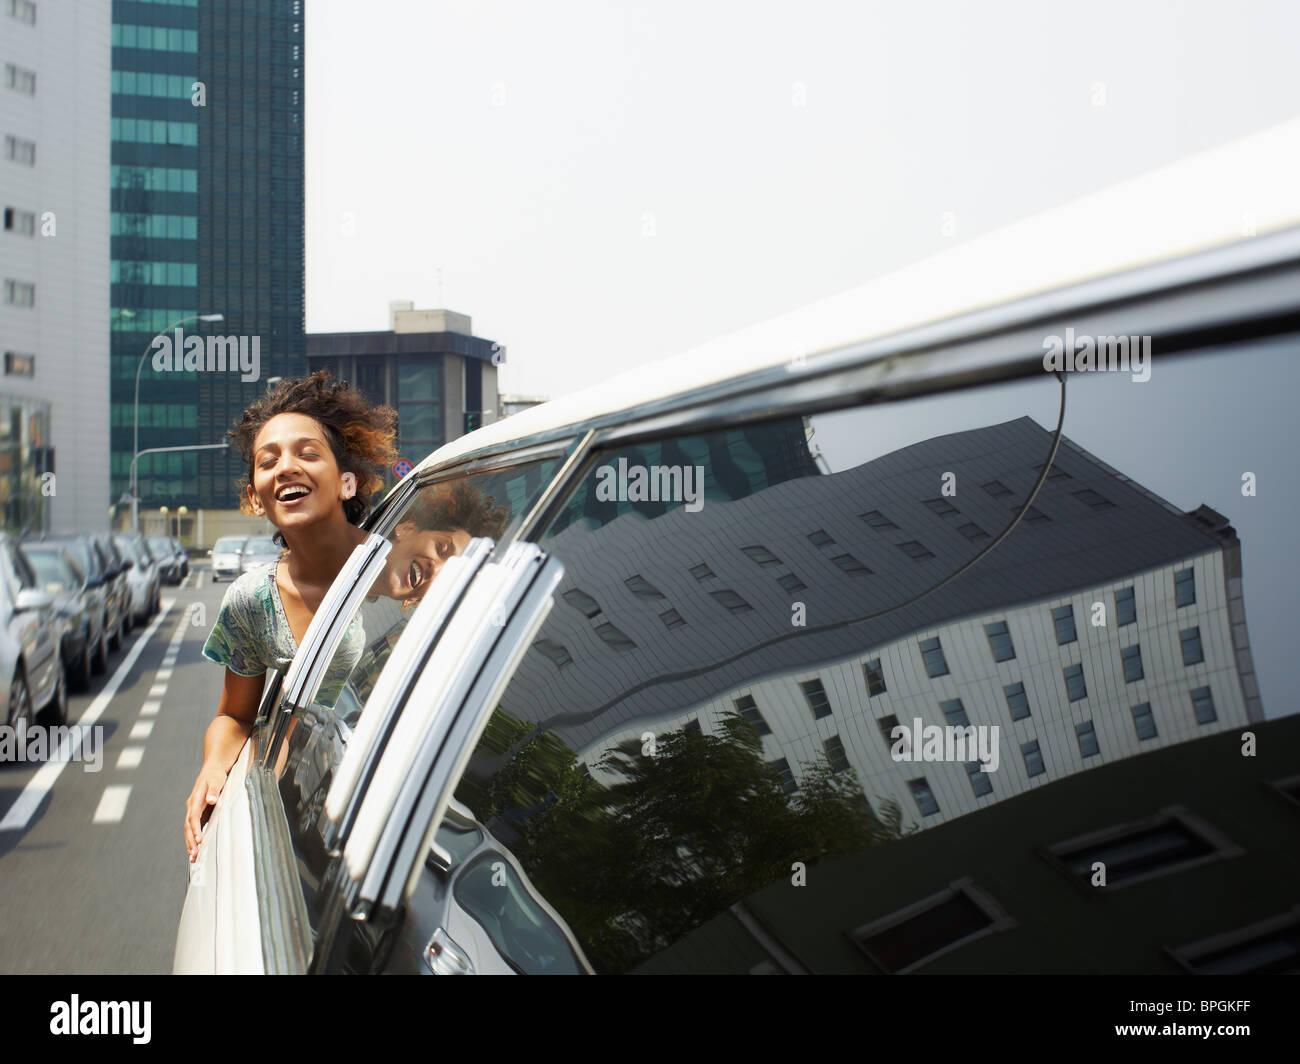 Frau mit Kopf aus Limousinen Fenster Stockbild